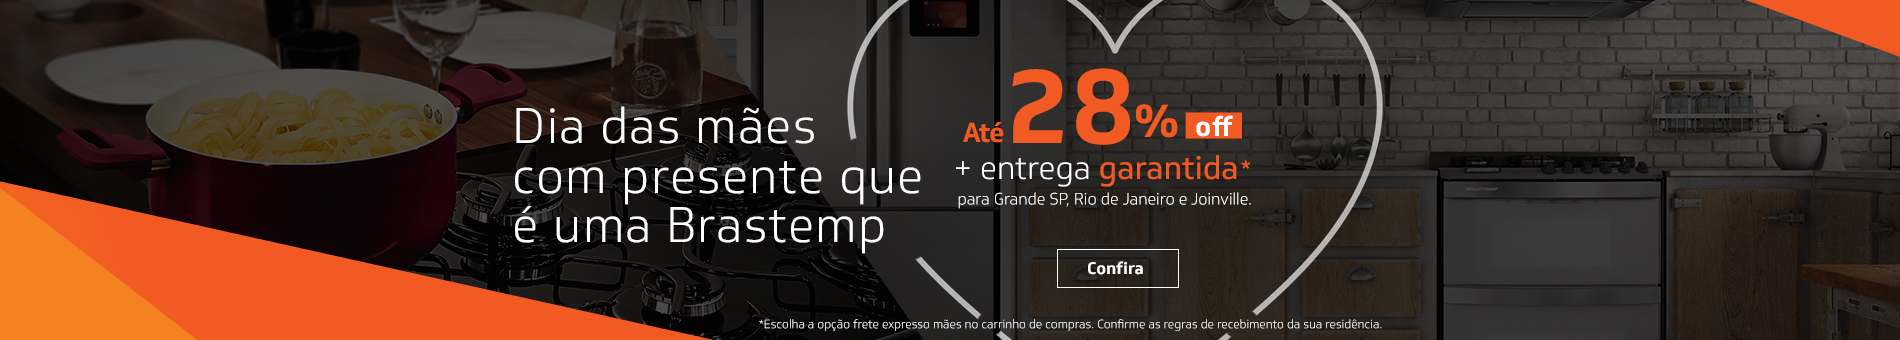 Promoção Interna - 365 - diadasmaes_generico_home_25042016 - generico - 7